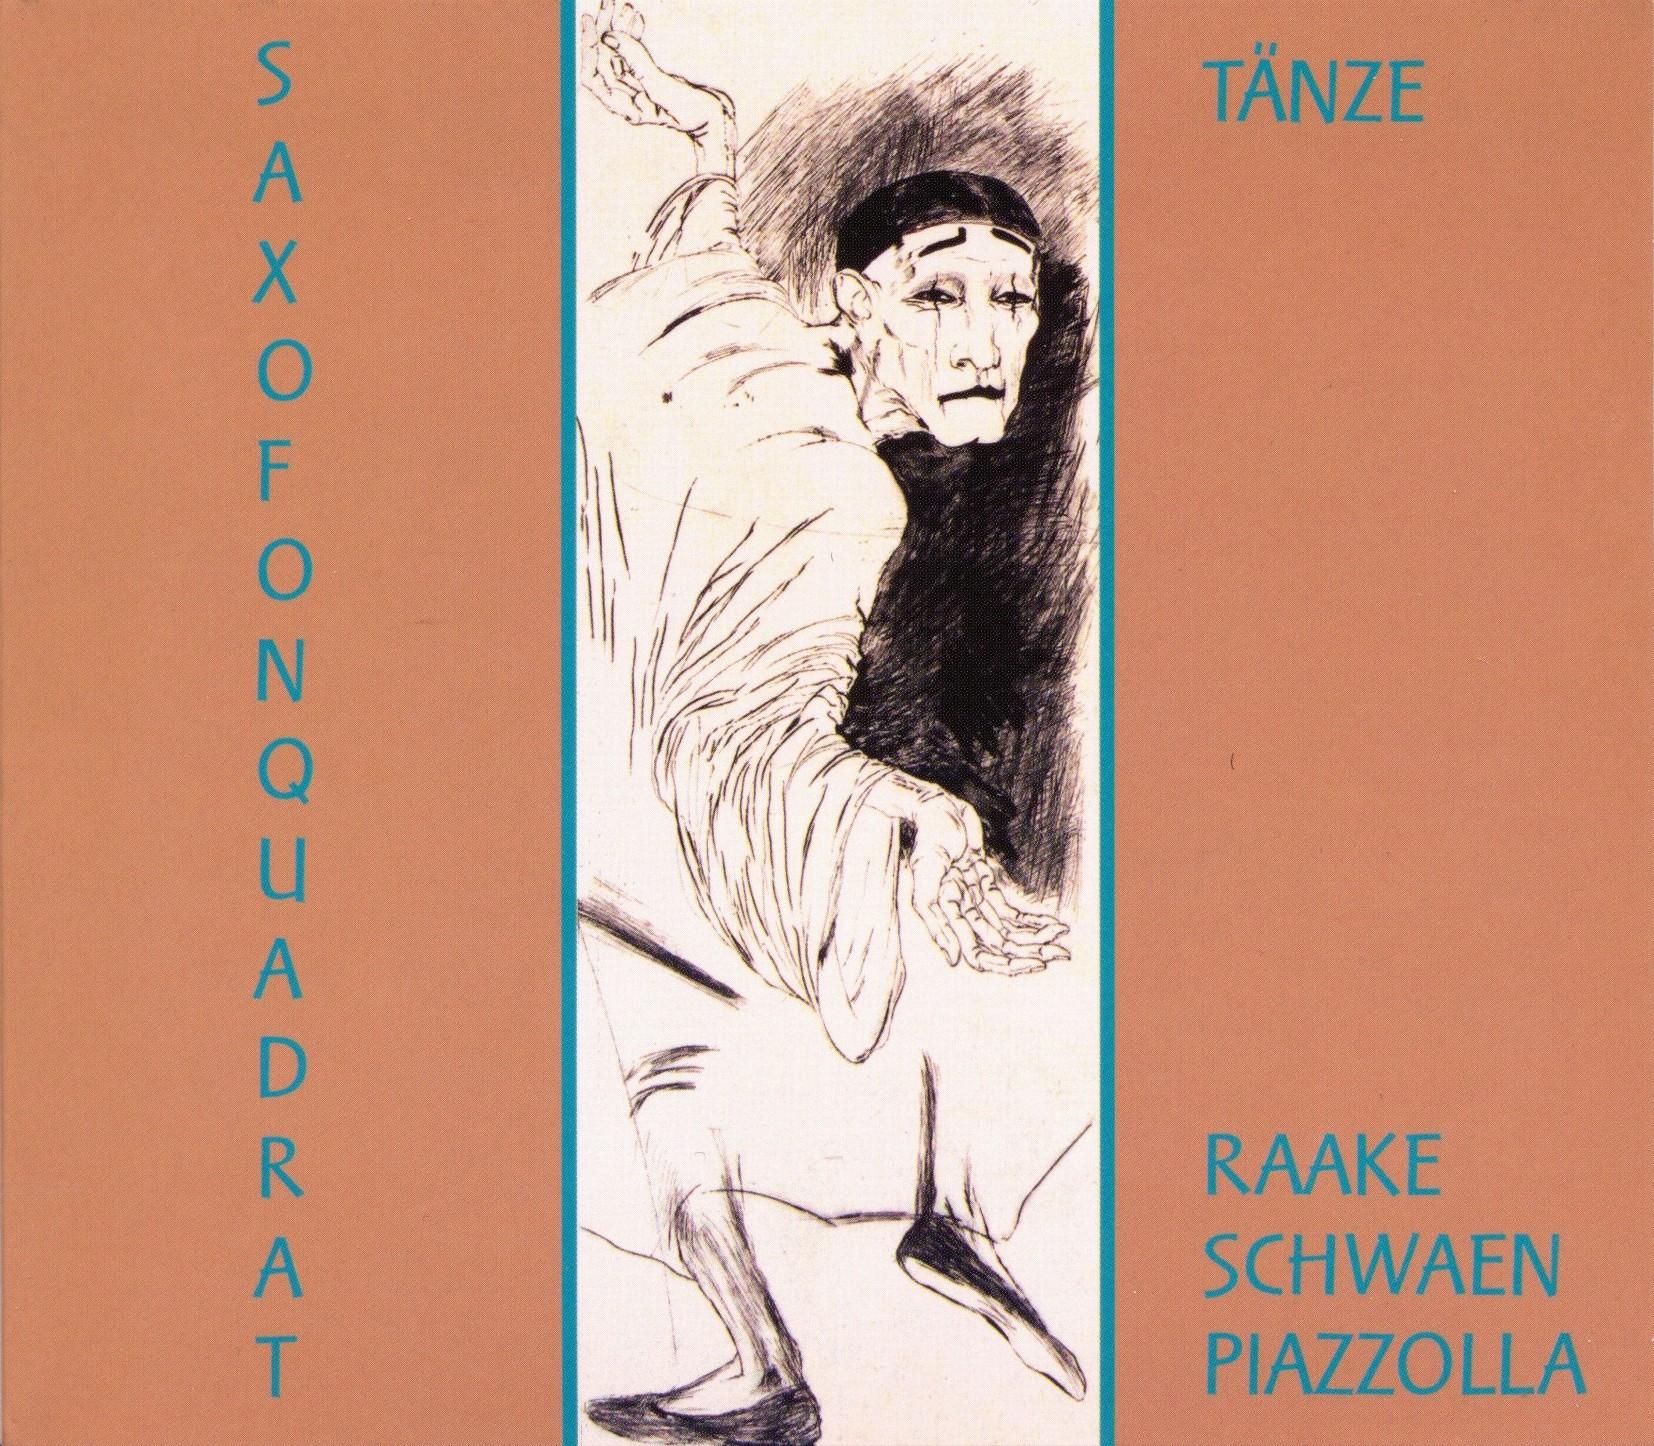 CD Tänze Saxofonquadrat.jpg